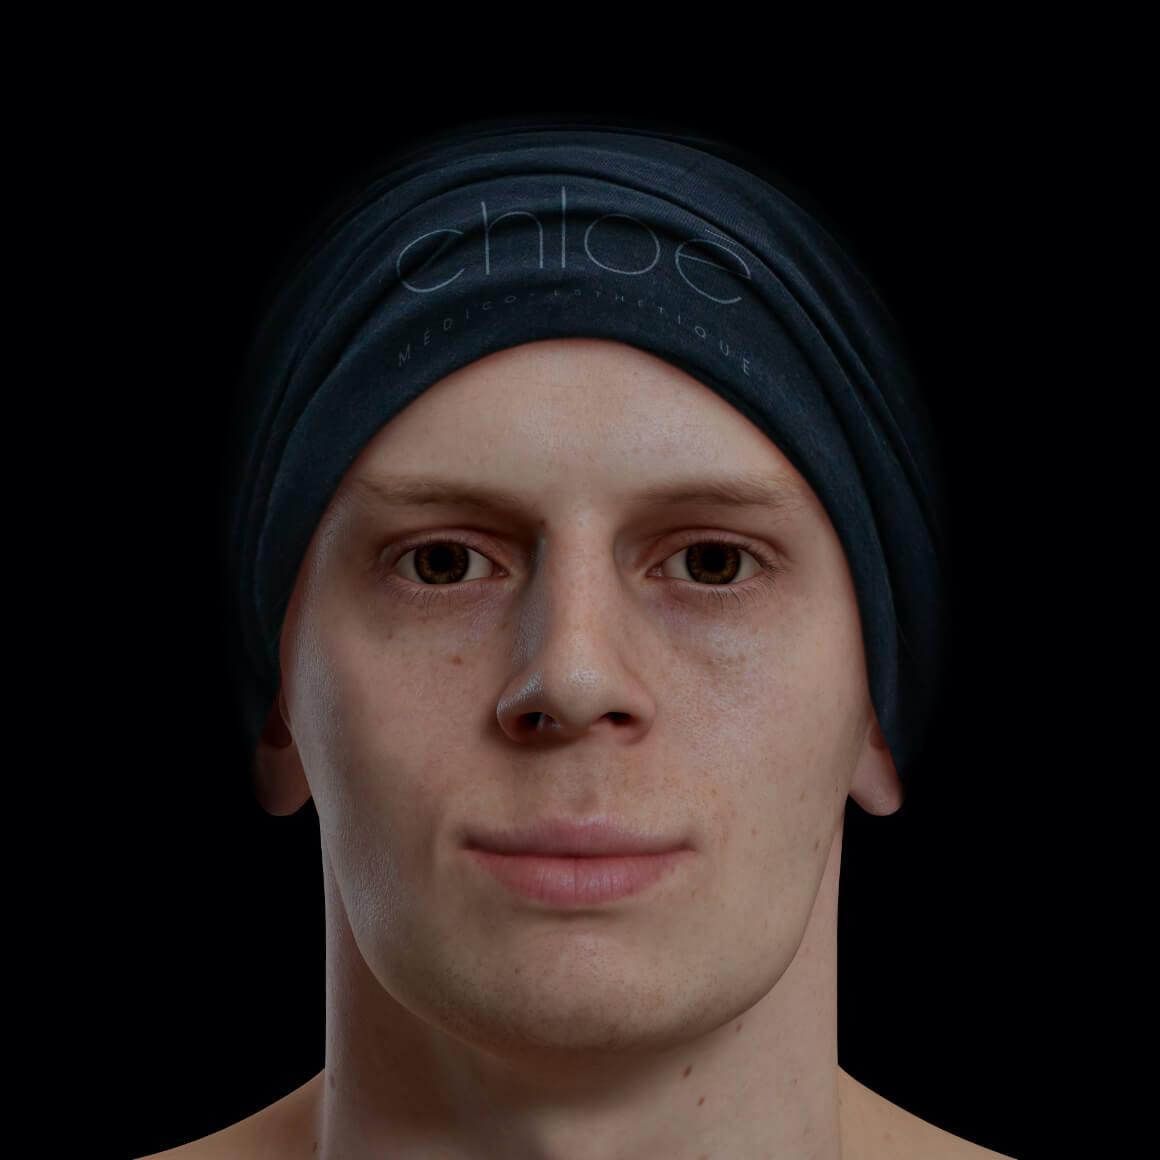 Patient de la Clinique Chloé positionné de face avec une mâchoire peu définie